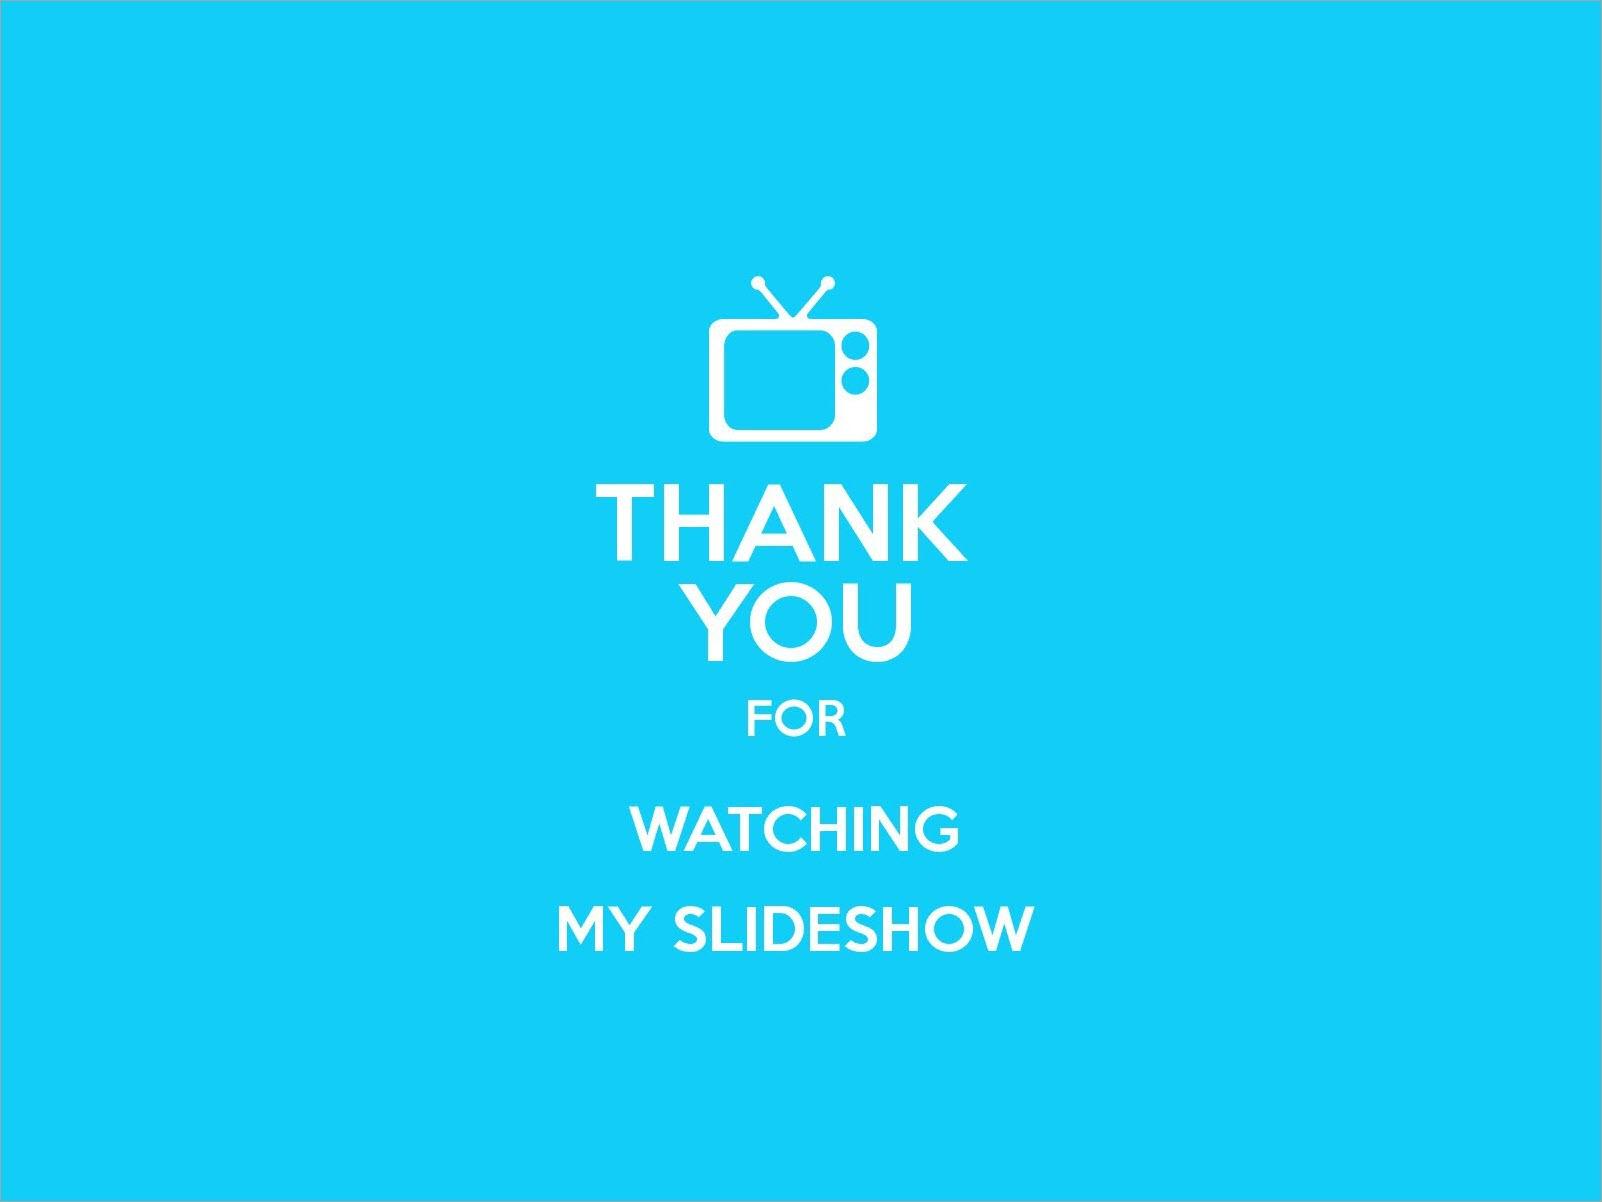 Nền Slide thank you đẹp